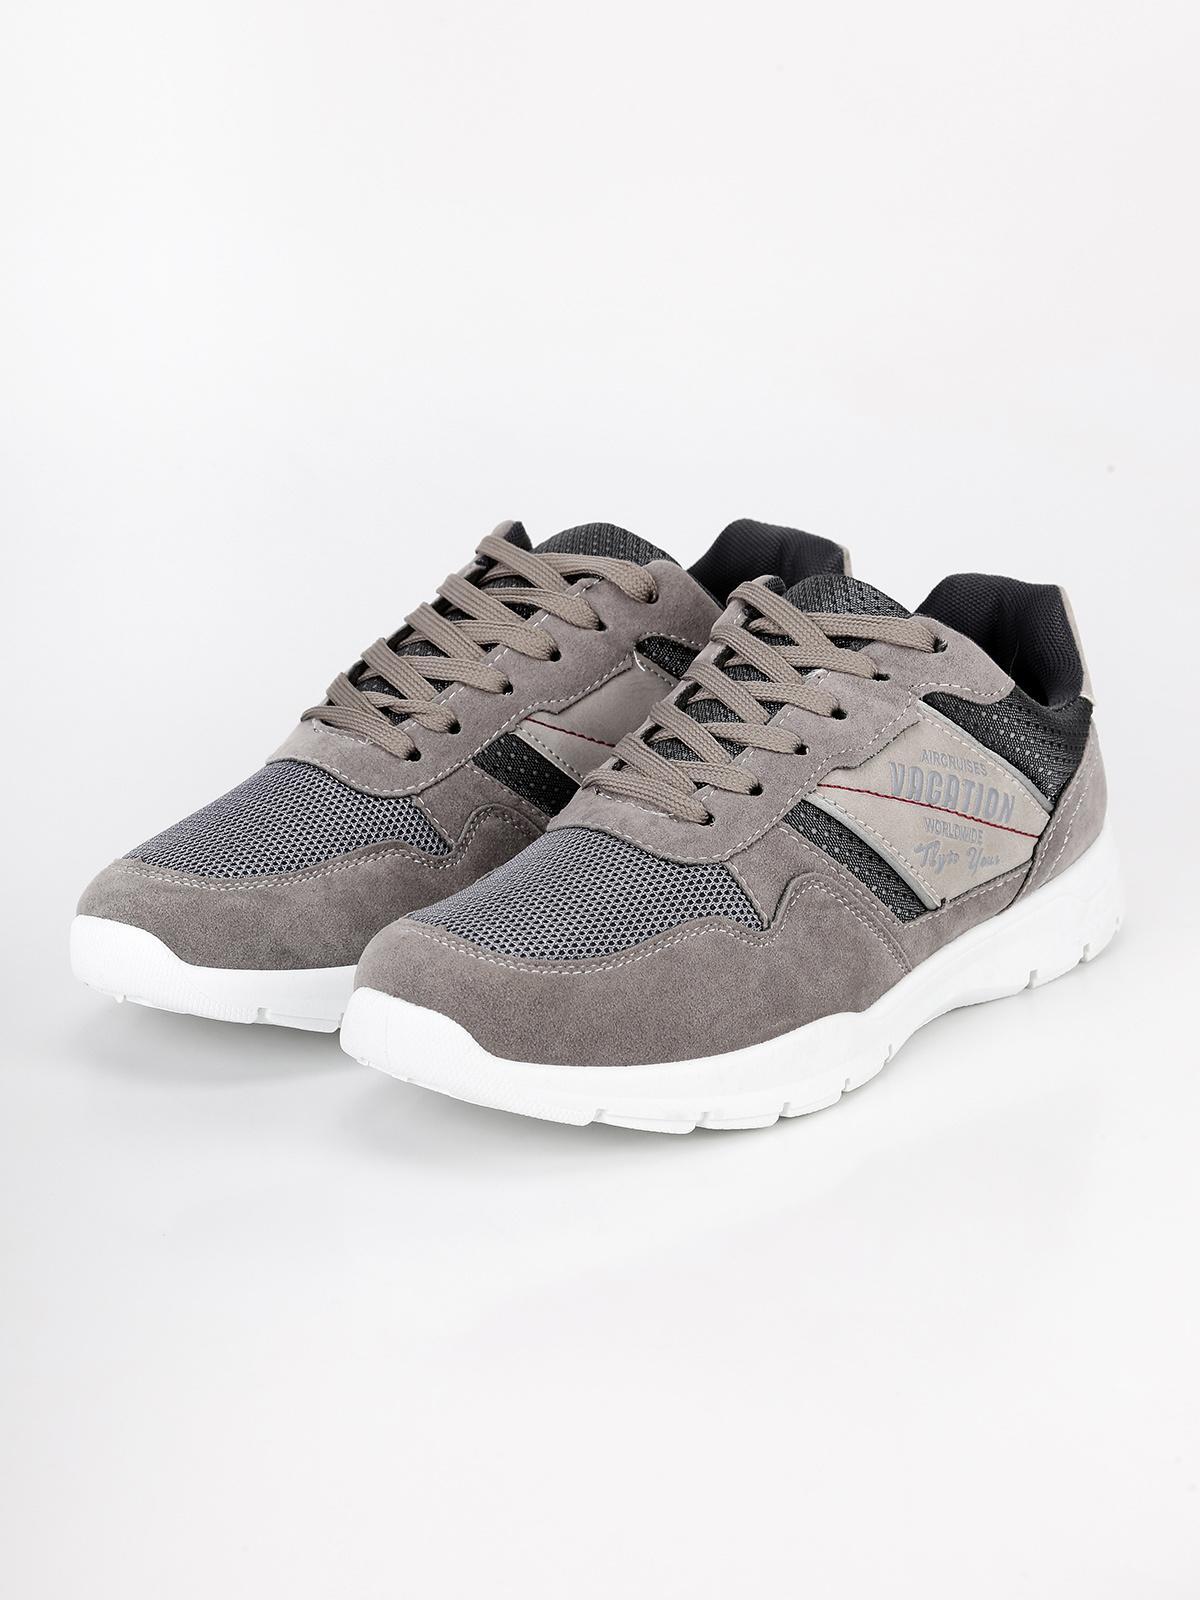 Scarpe estive casual da uomo grigio scatti | MecShopping